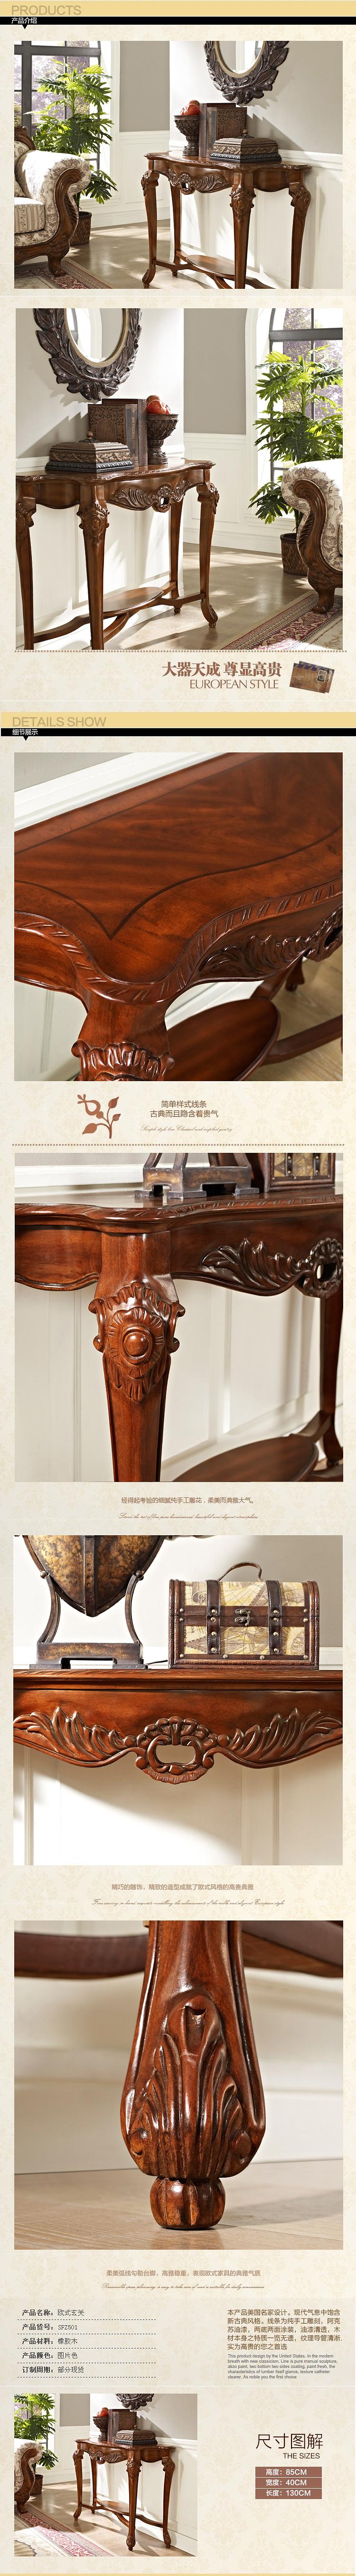 美式雕花实木玄关桌